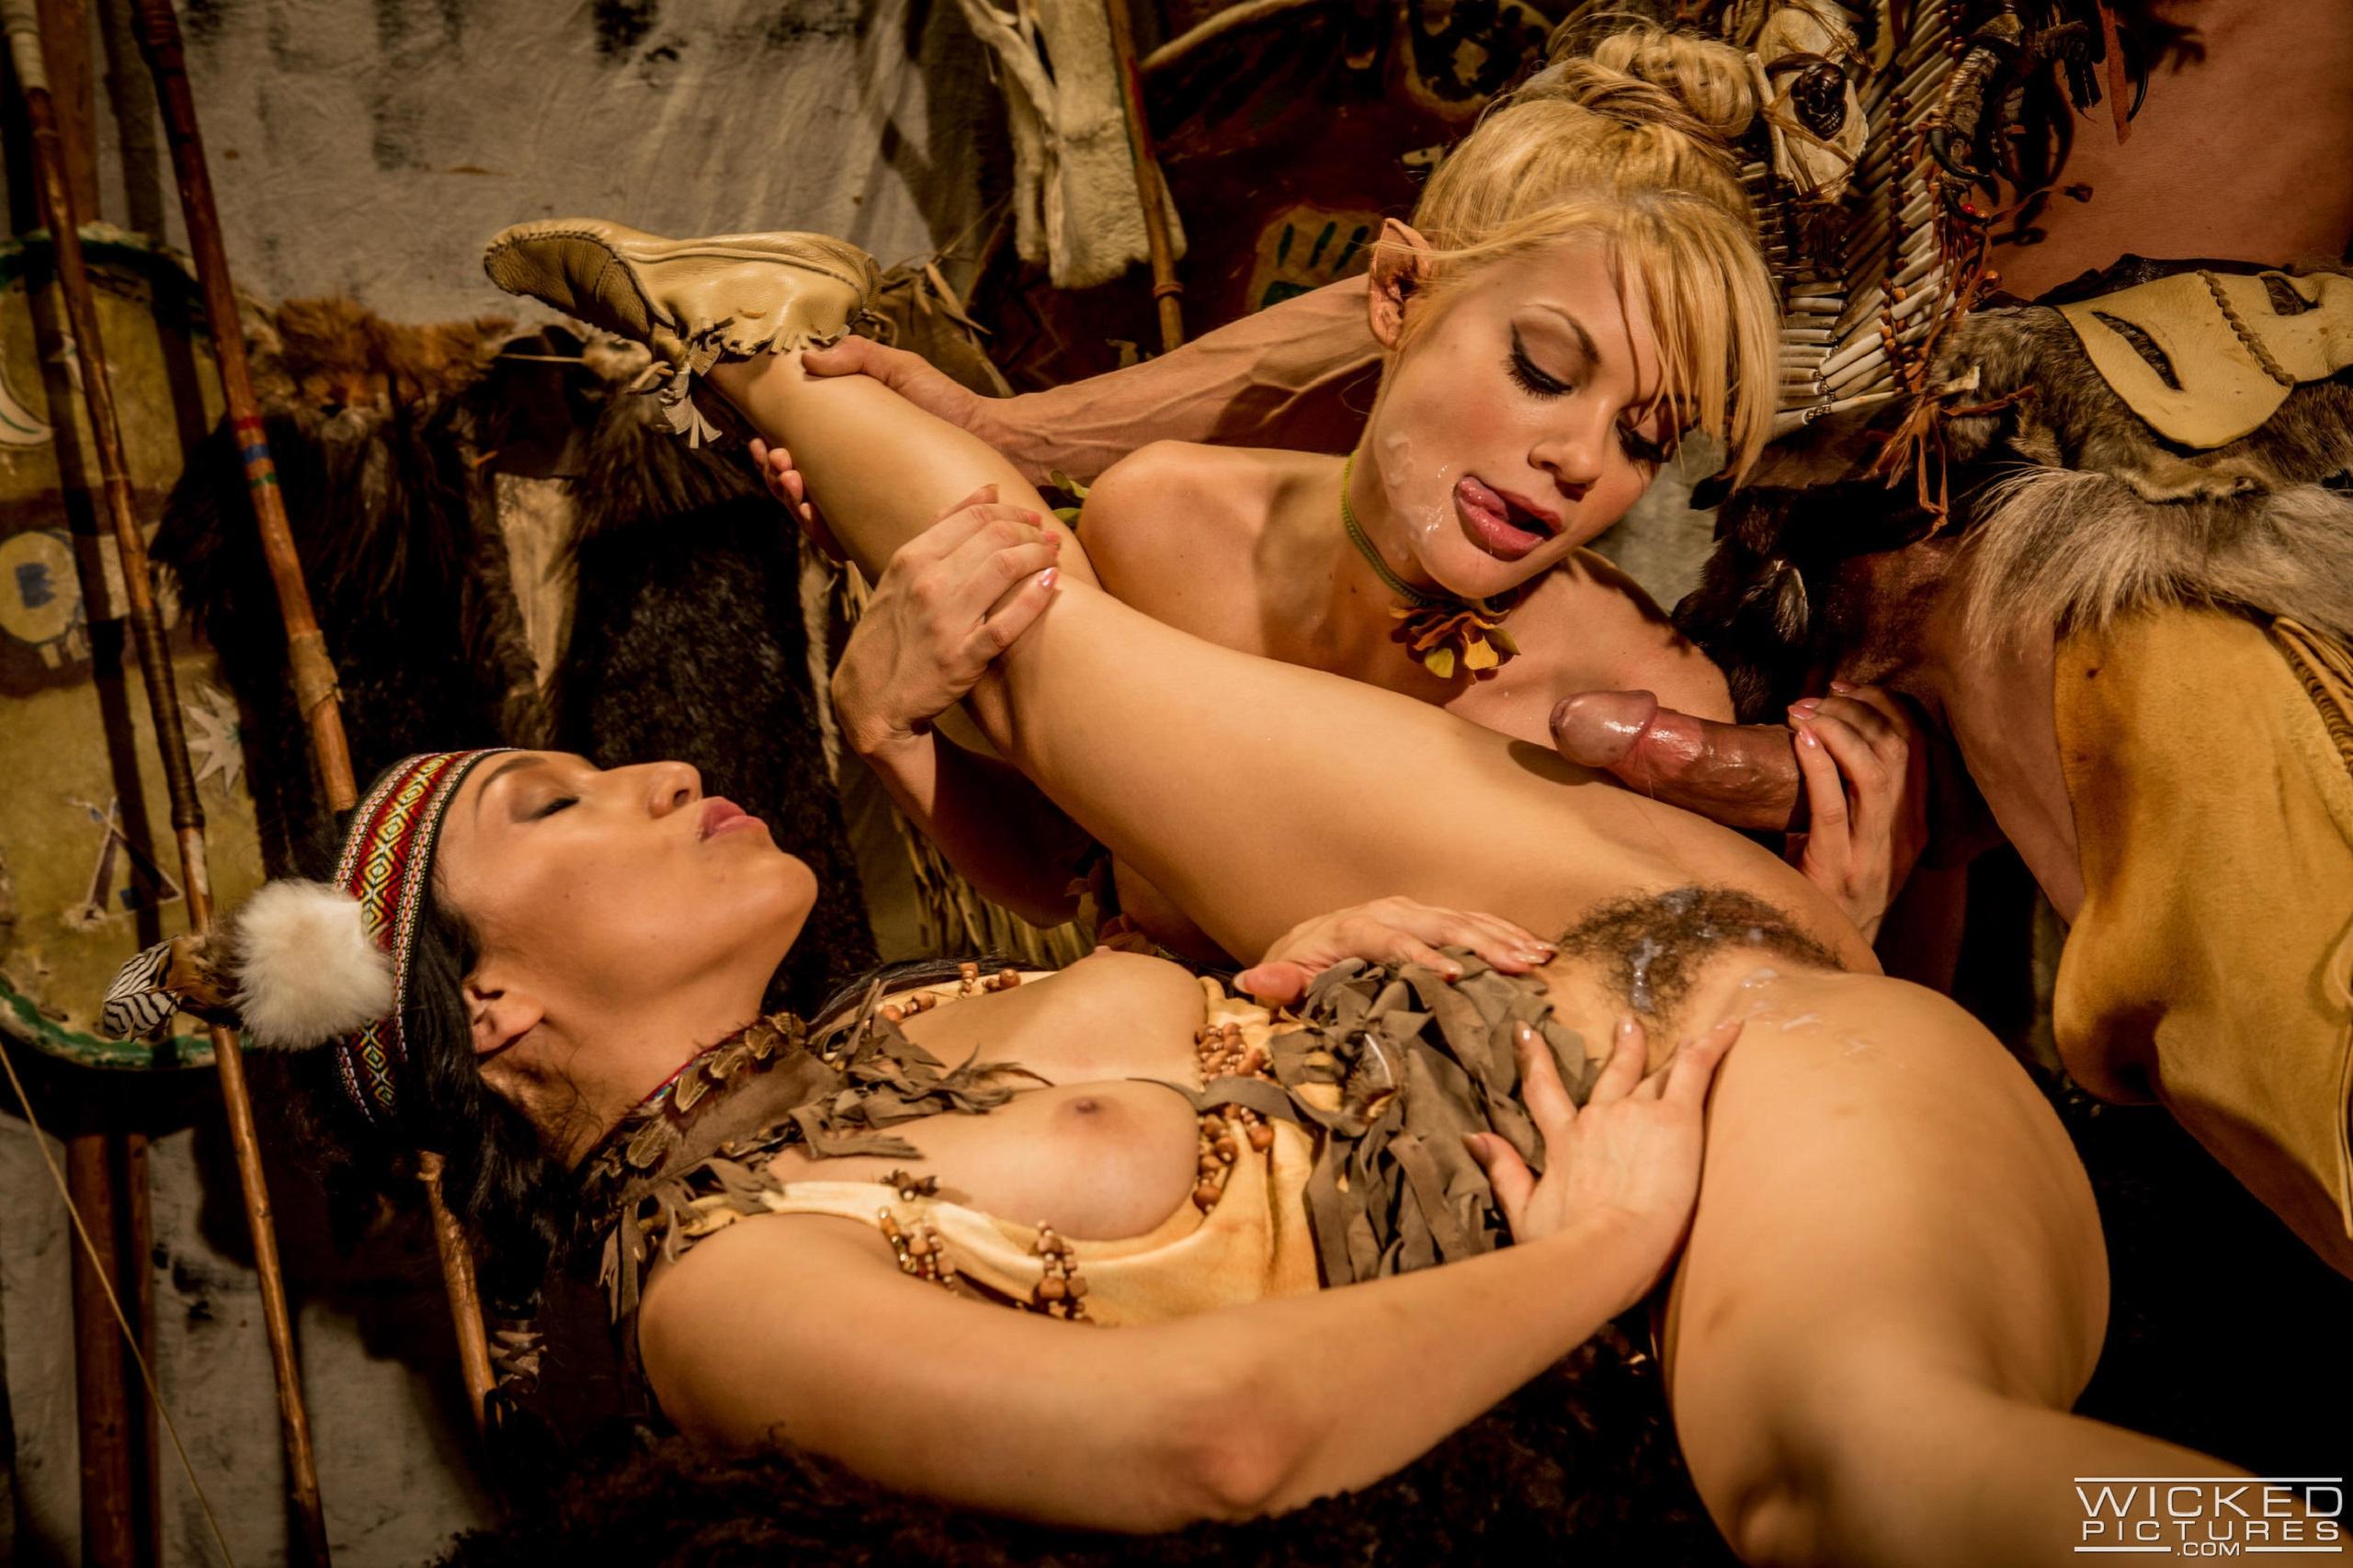 Смотреть Порно Секс Художественный Фильм Бесплатно